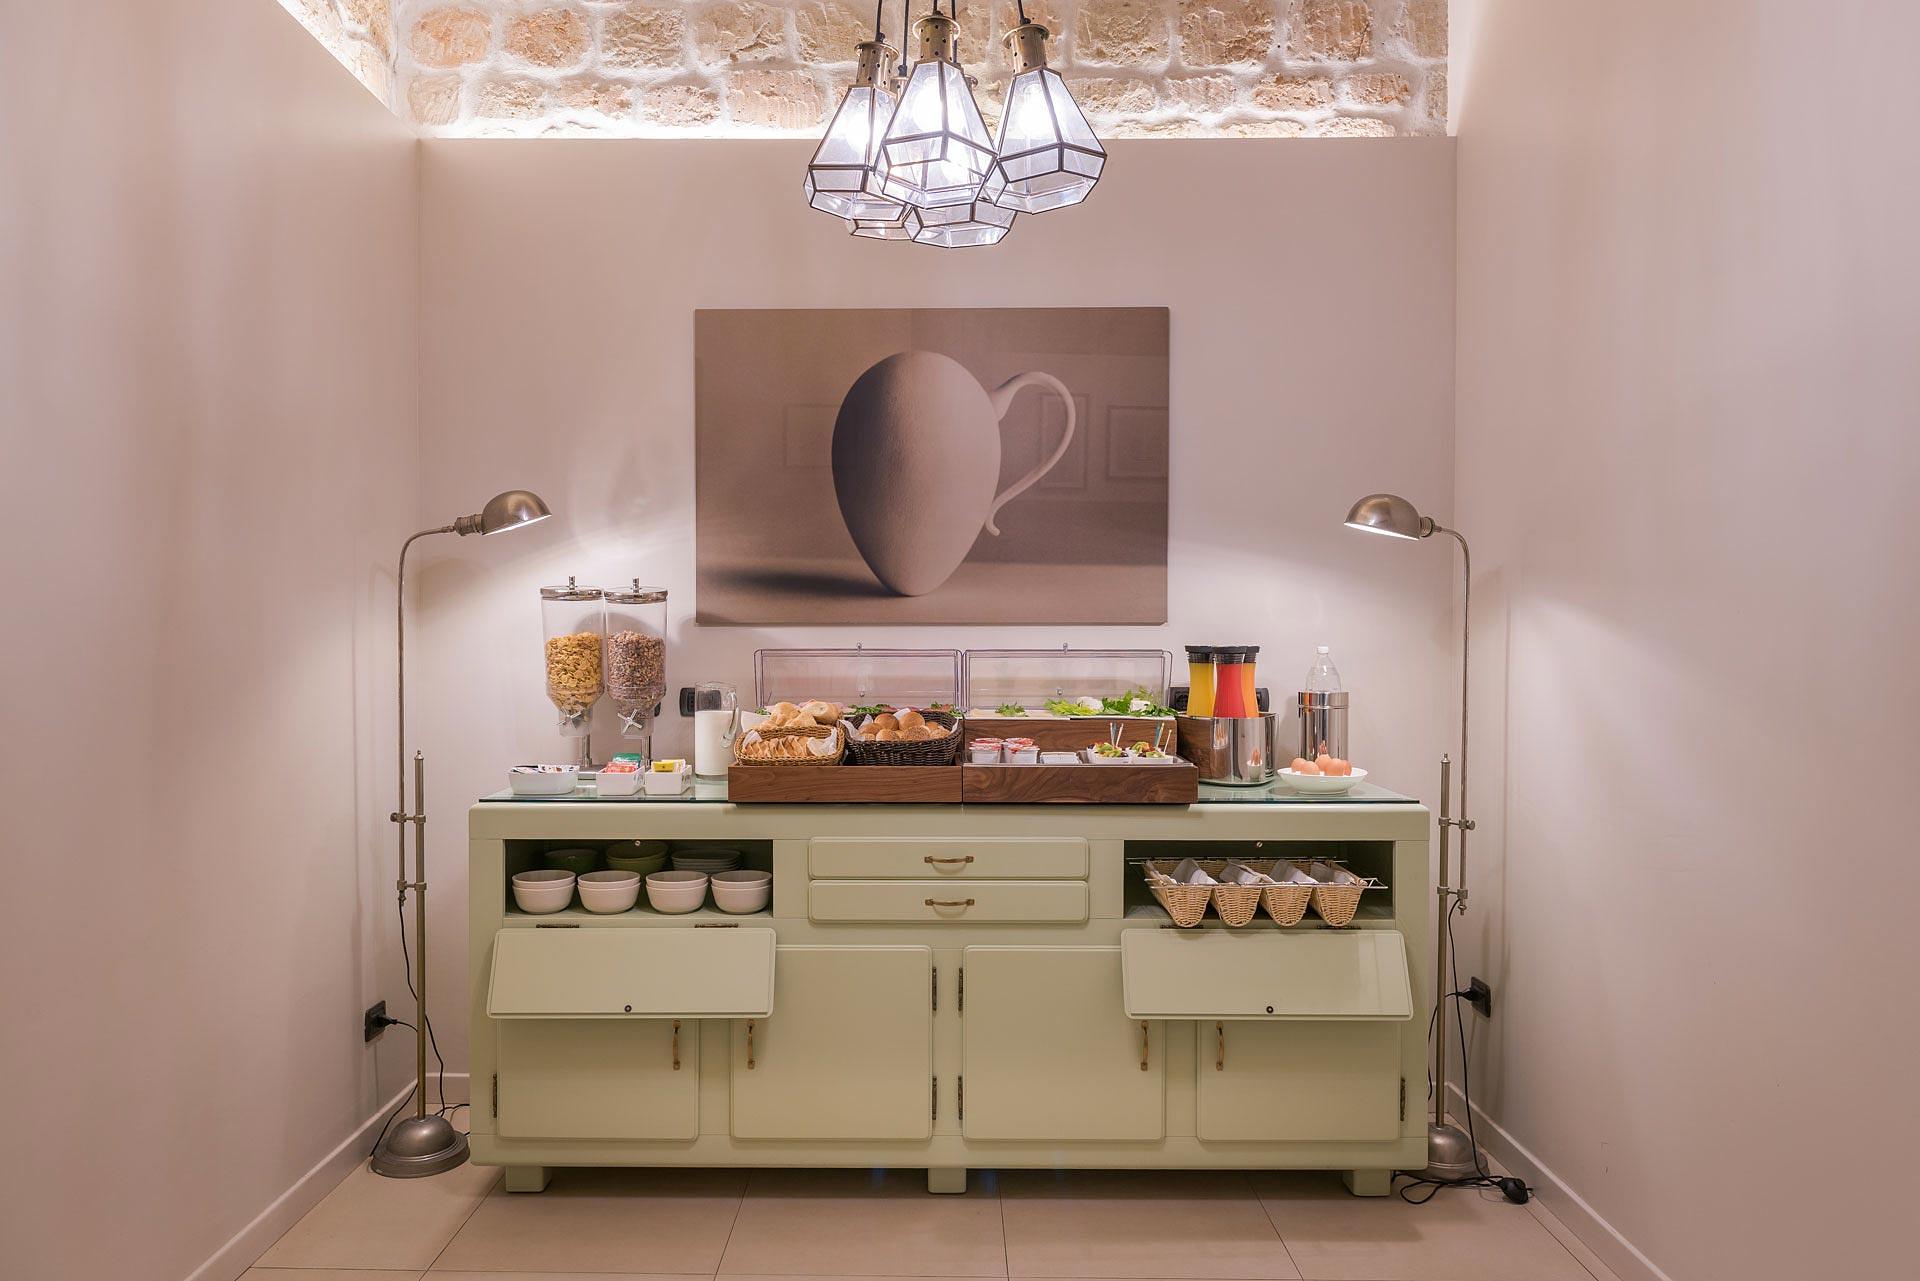 foto-albergo-roma-fotografo-architettura-interni-7